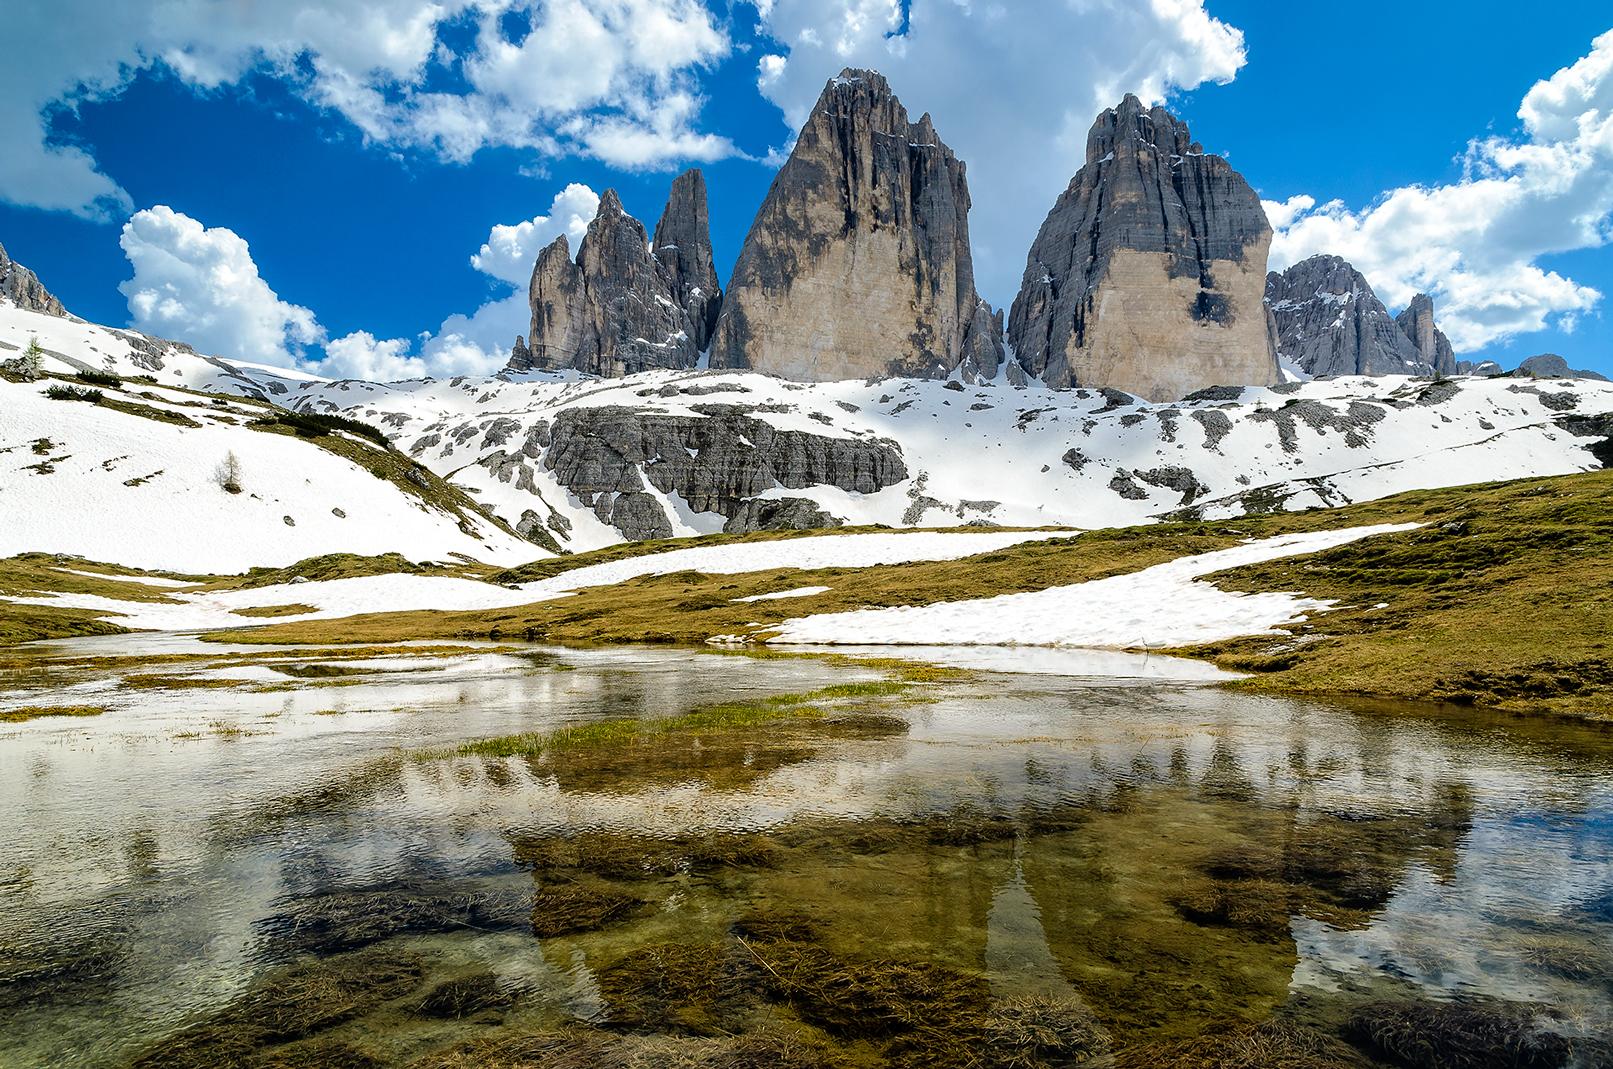 dove passare un week end romantico in montagna